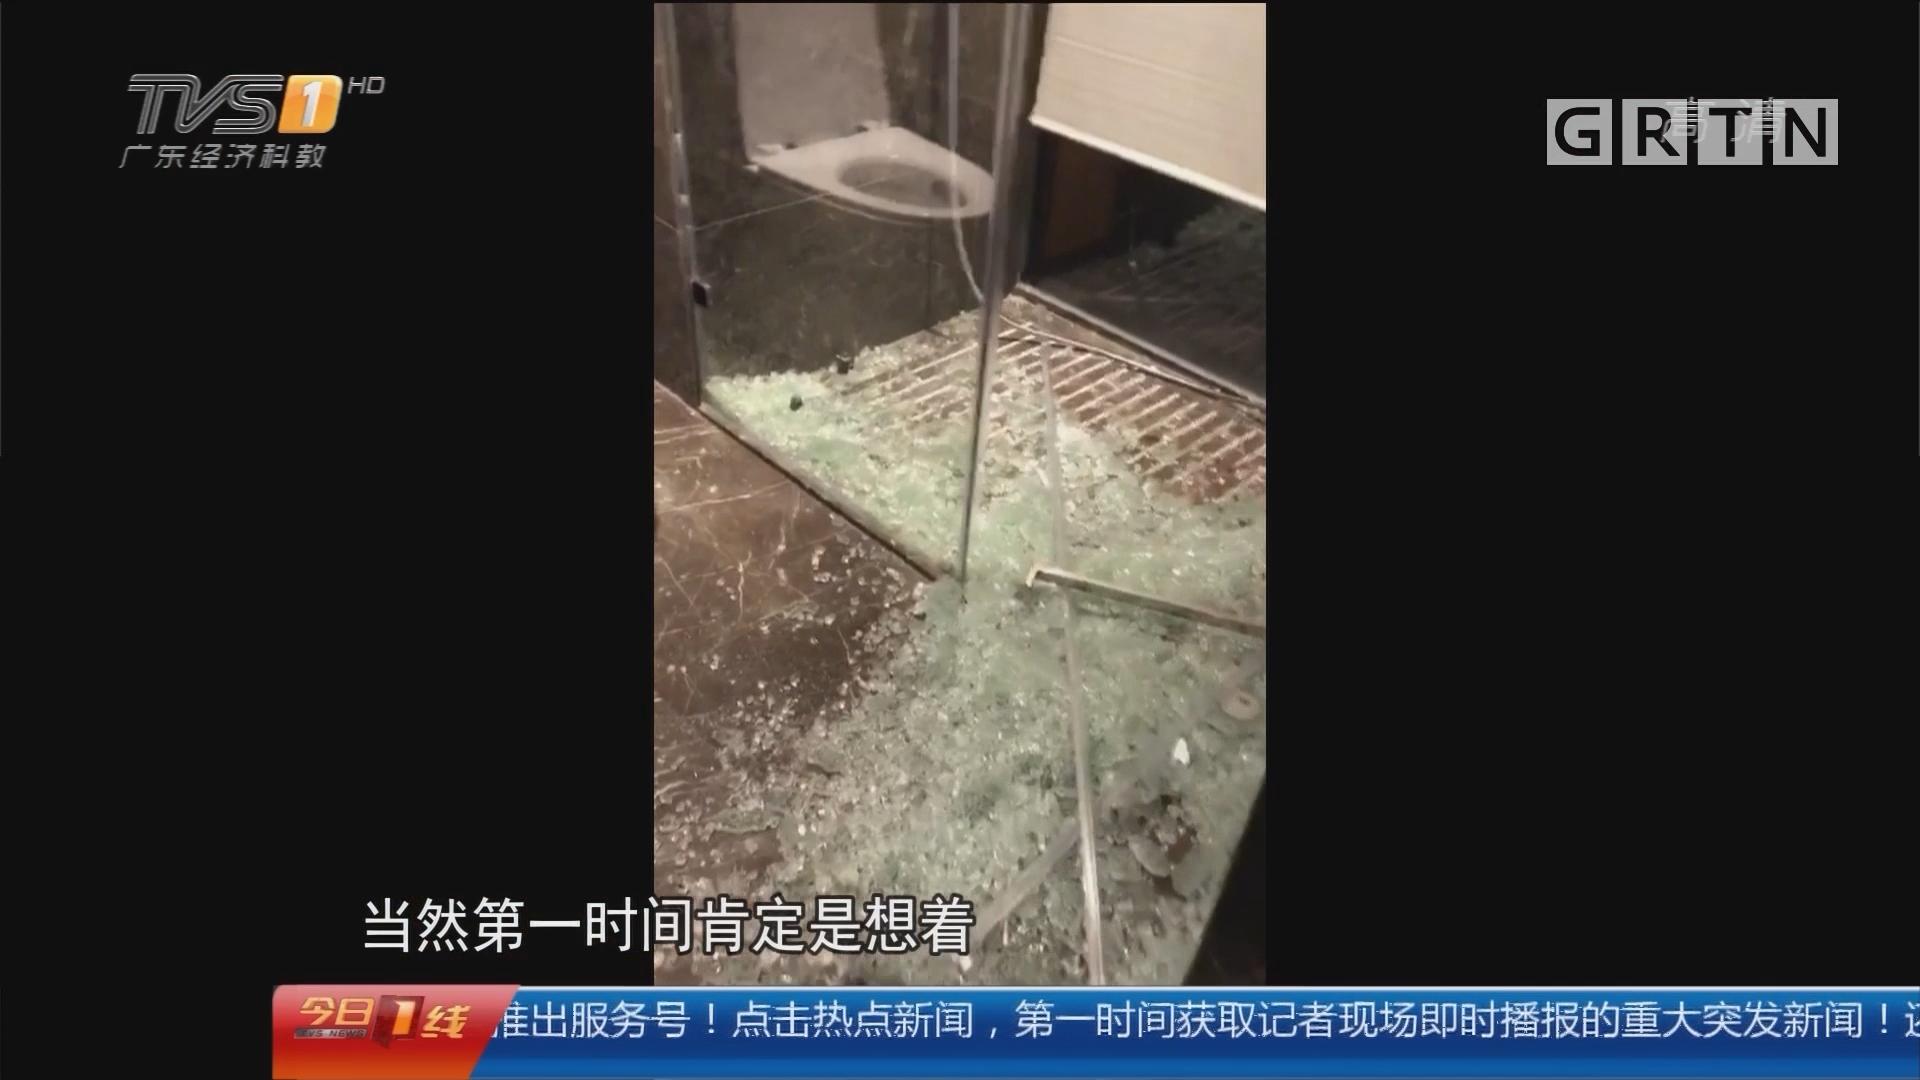 广州:洗个澡偏体鳞伤 事主欲诉法律维权